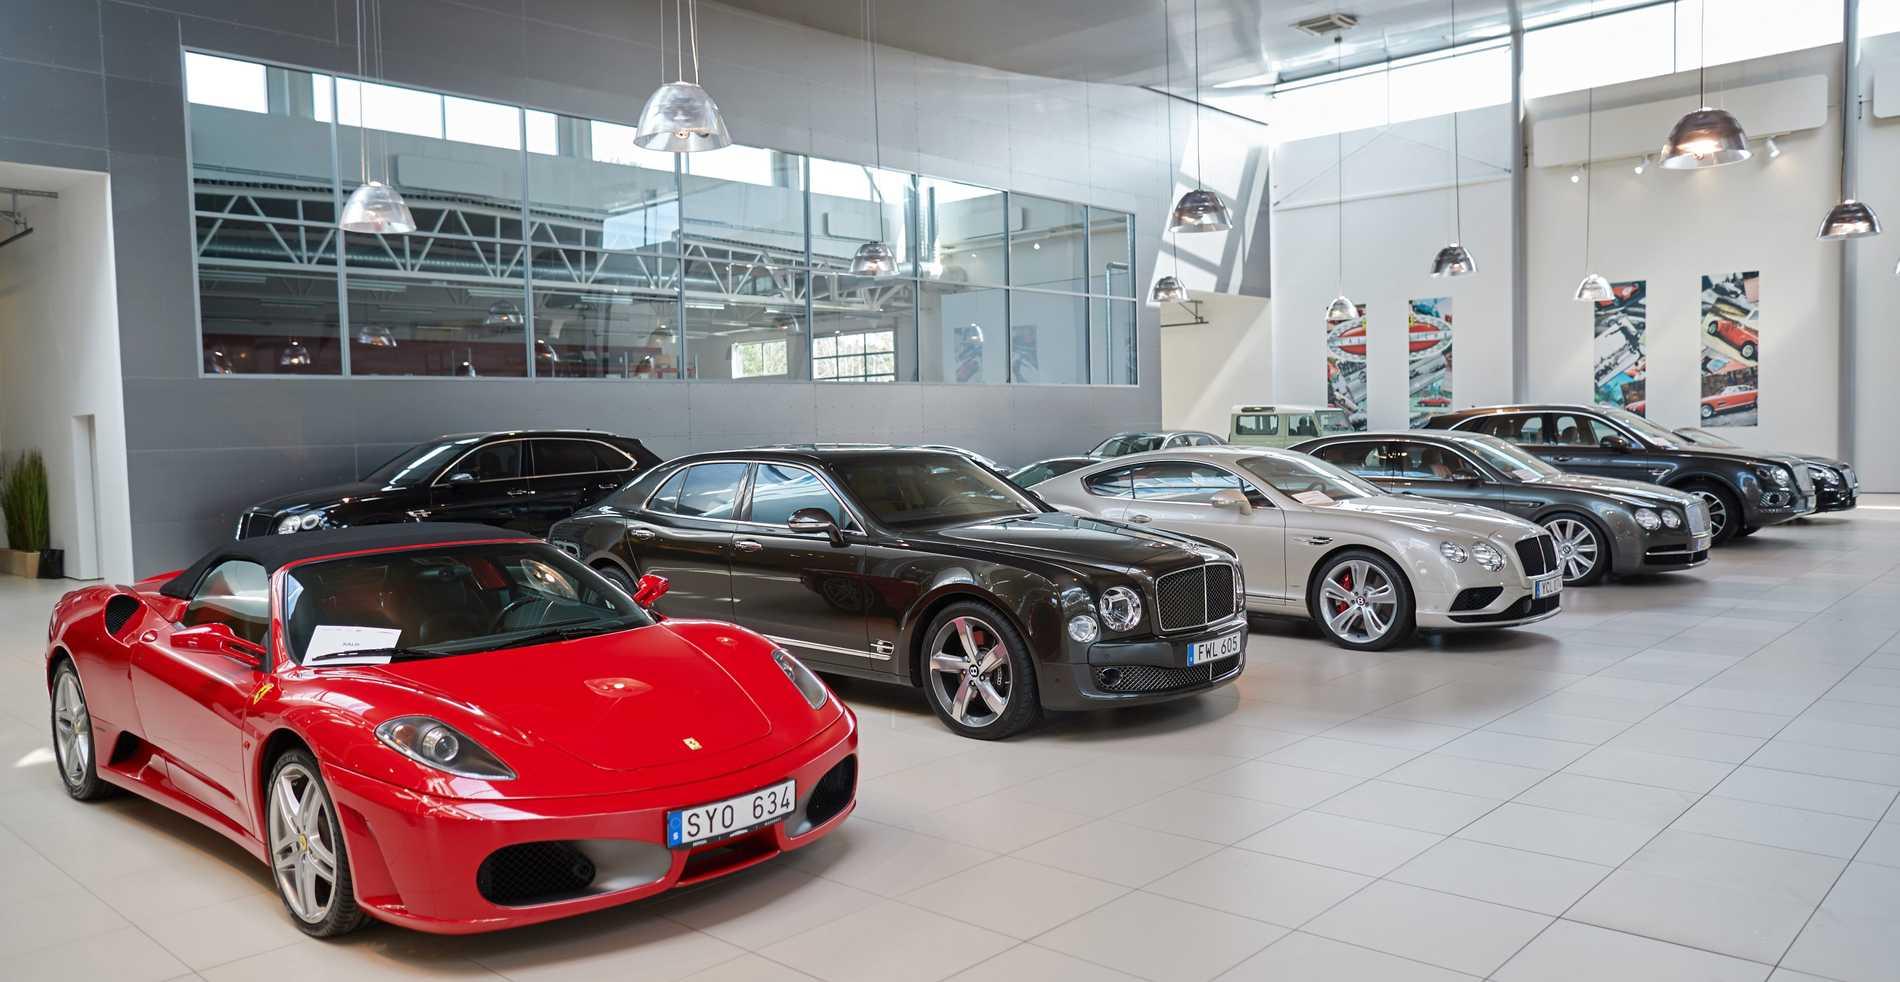 En ny Ferrari kostar runt fem miljoner kronor. Under pandemin har försäljningen av exklusiva sportbilar exploderat i Sverige.